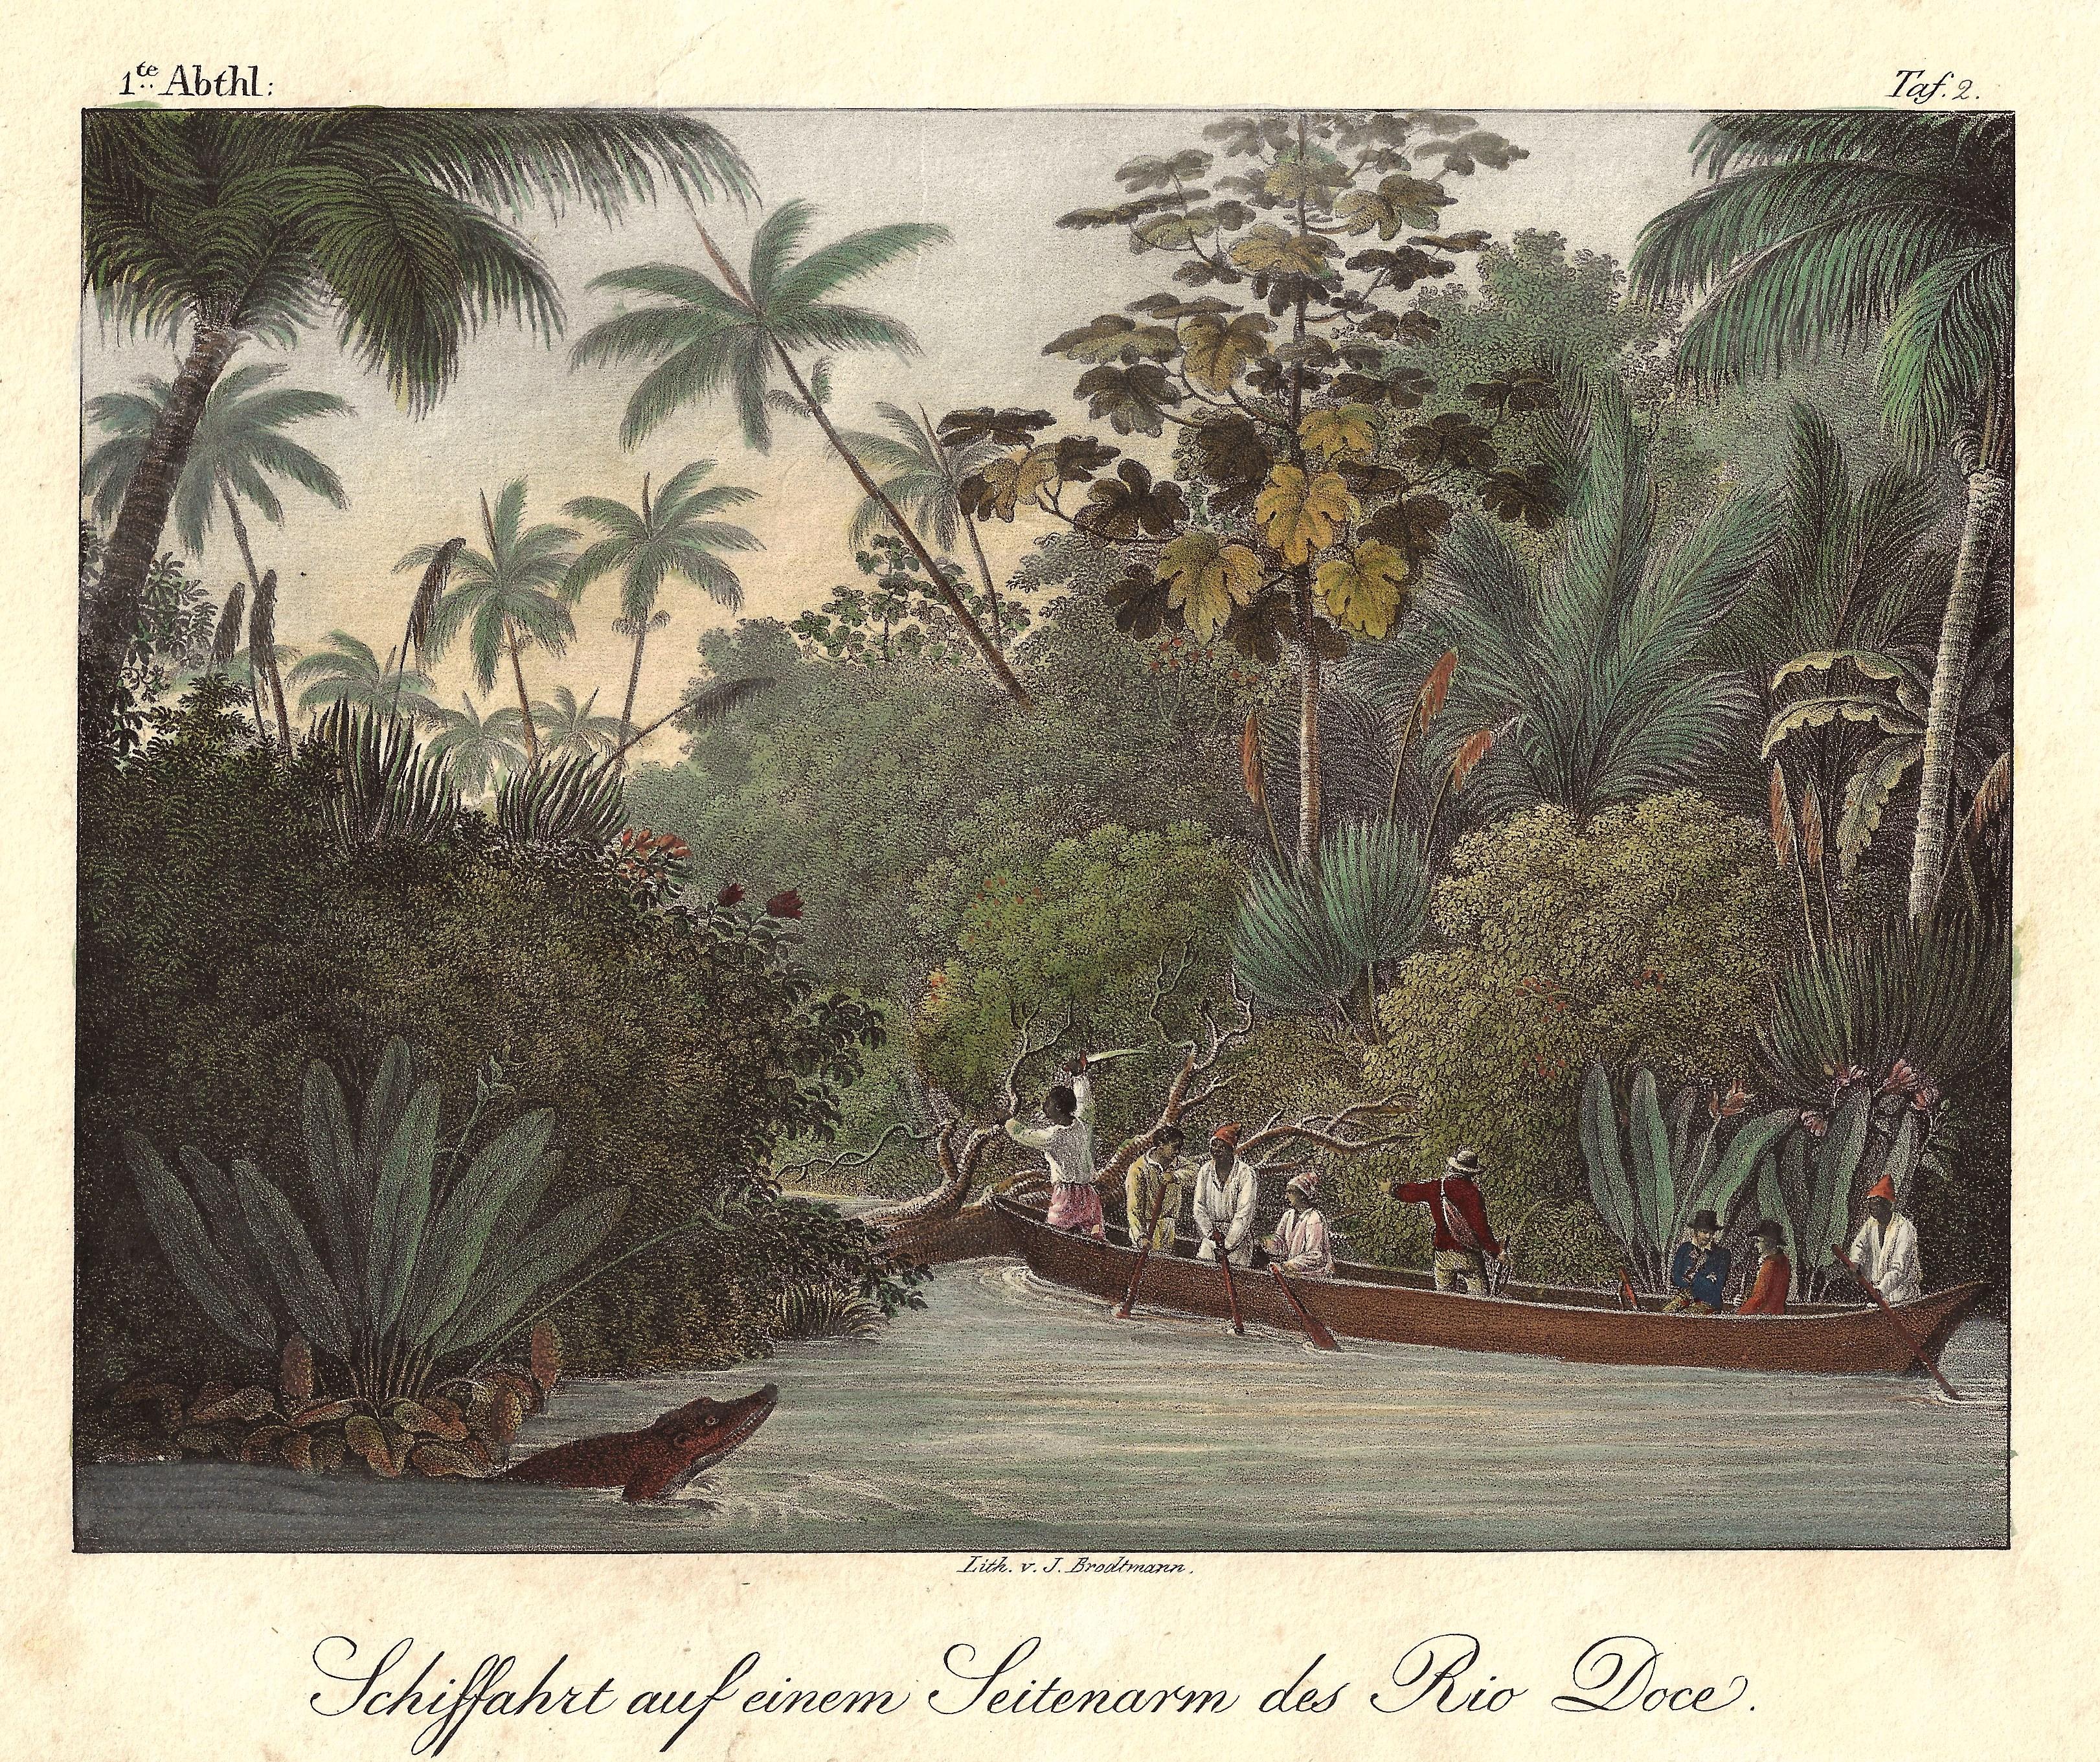 Brodtmann Karl Joseph Schiffahrt auf einem Seitenarm des Rio Doce.